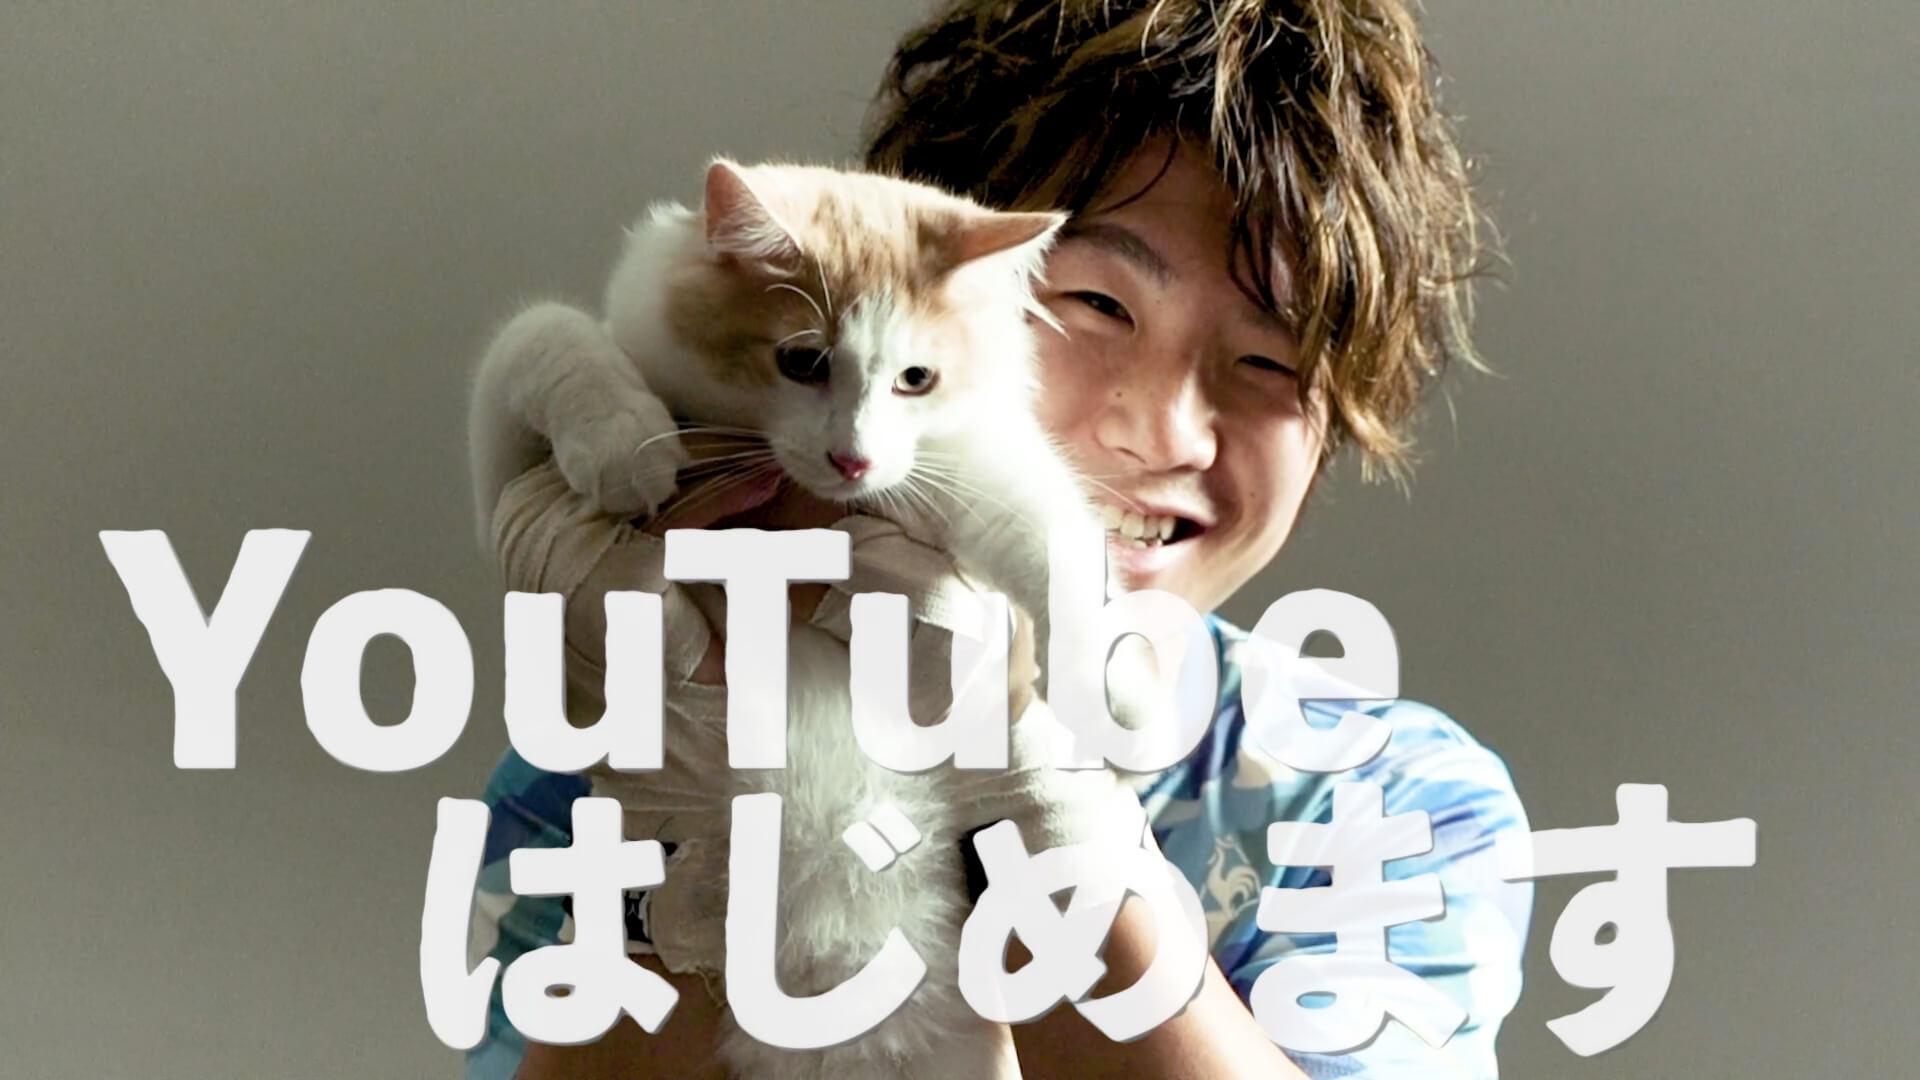 愛猫のノルウェージャンフォレストキャット・モフちゃんと動画配信する「寺地拳四朗 オフィシャルYouTubeチャンネル」